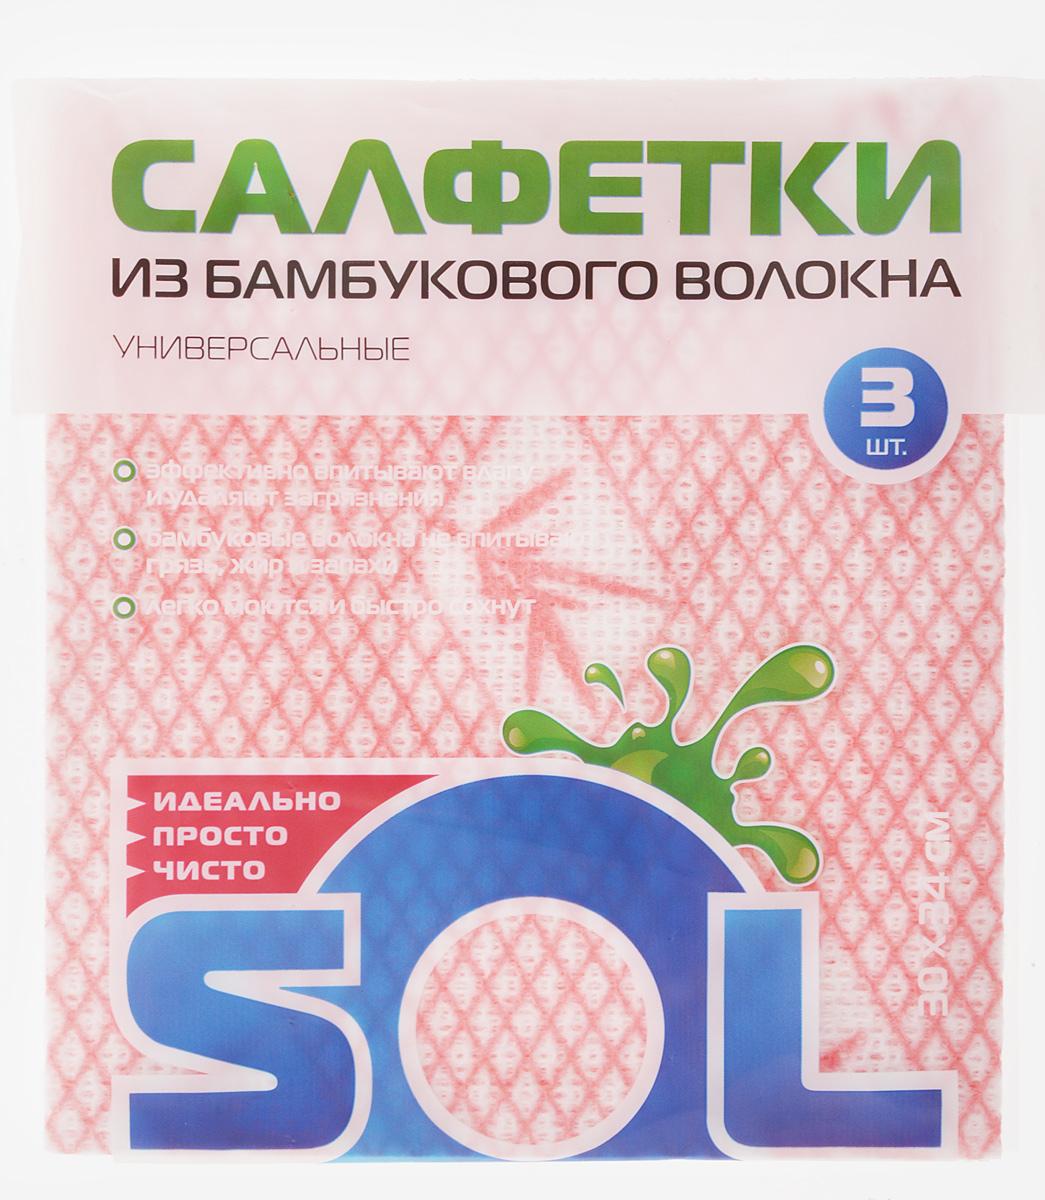 Салфетка для уборки Sol, из бамбукового волокна, цвет: розовый, 30 x 34 см, 3 шт10001/70007_розовыйСалфетки Sol, выполненные из бамбукового волокна, вискозы и полиэстера, предназначены для уборки. Бамбуковое волокно - экологичный и безопасный для здоровья человека материал, не содержащий в своем составе никаких химических добавок, синтетических материалов и примесей. Благодаря трубчатой структуре волокон, жир и грязь не впитываются в ткань, легко вымываются под струей водой.Рекомендации по уходу:Бамбуковые салфетки не требуют особого ухода. После каждого использования их рекомендуется промыть под струей воды и просушить. Не рекомендуется сушить салфетки на батарее.Размер салфетки: 30 х 34 см.